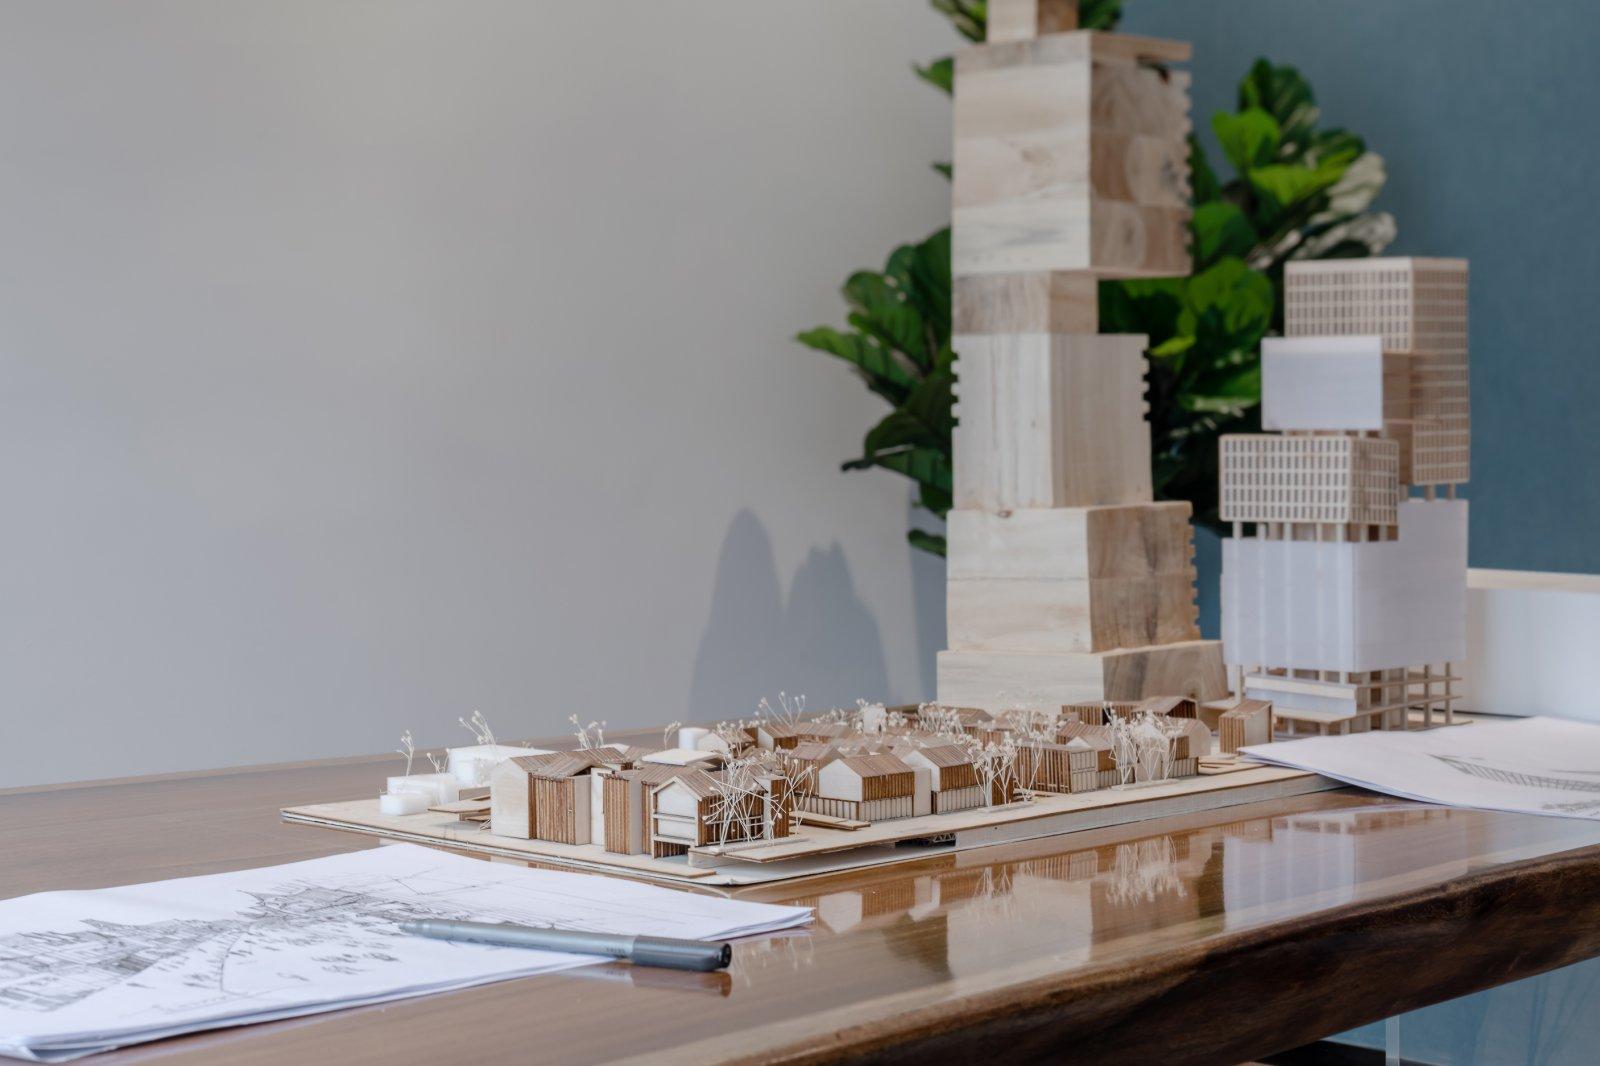 运用点、线、面元素,建筑结构美学  - 15